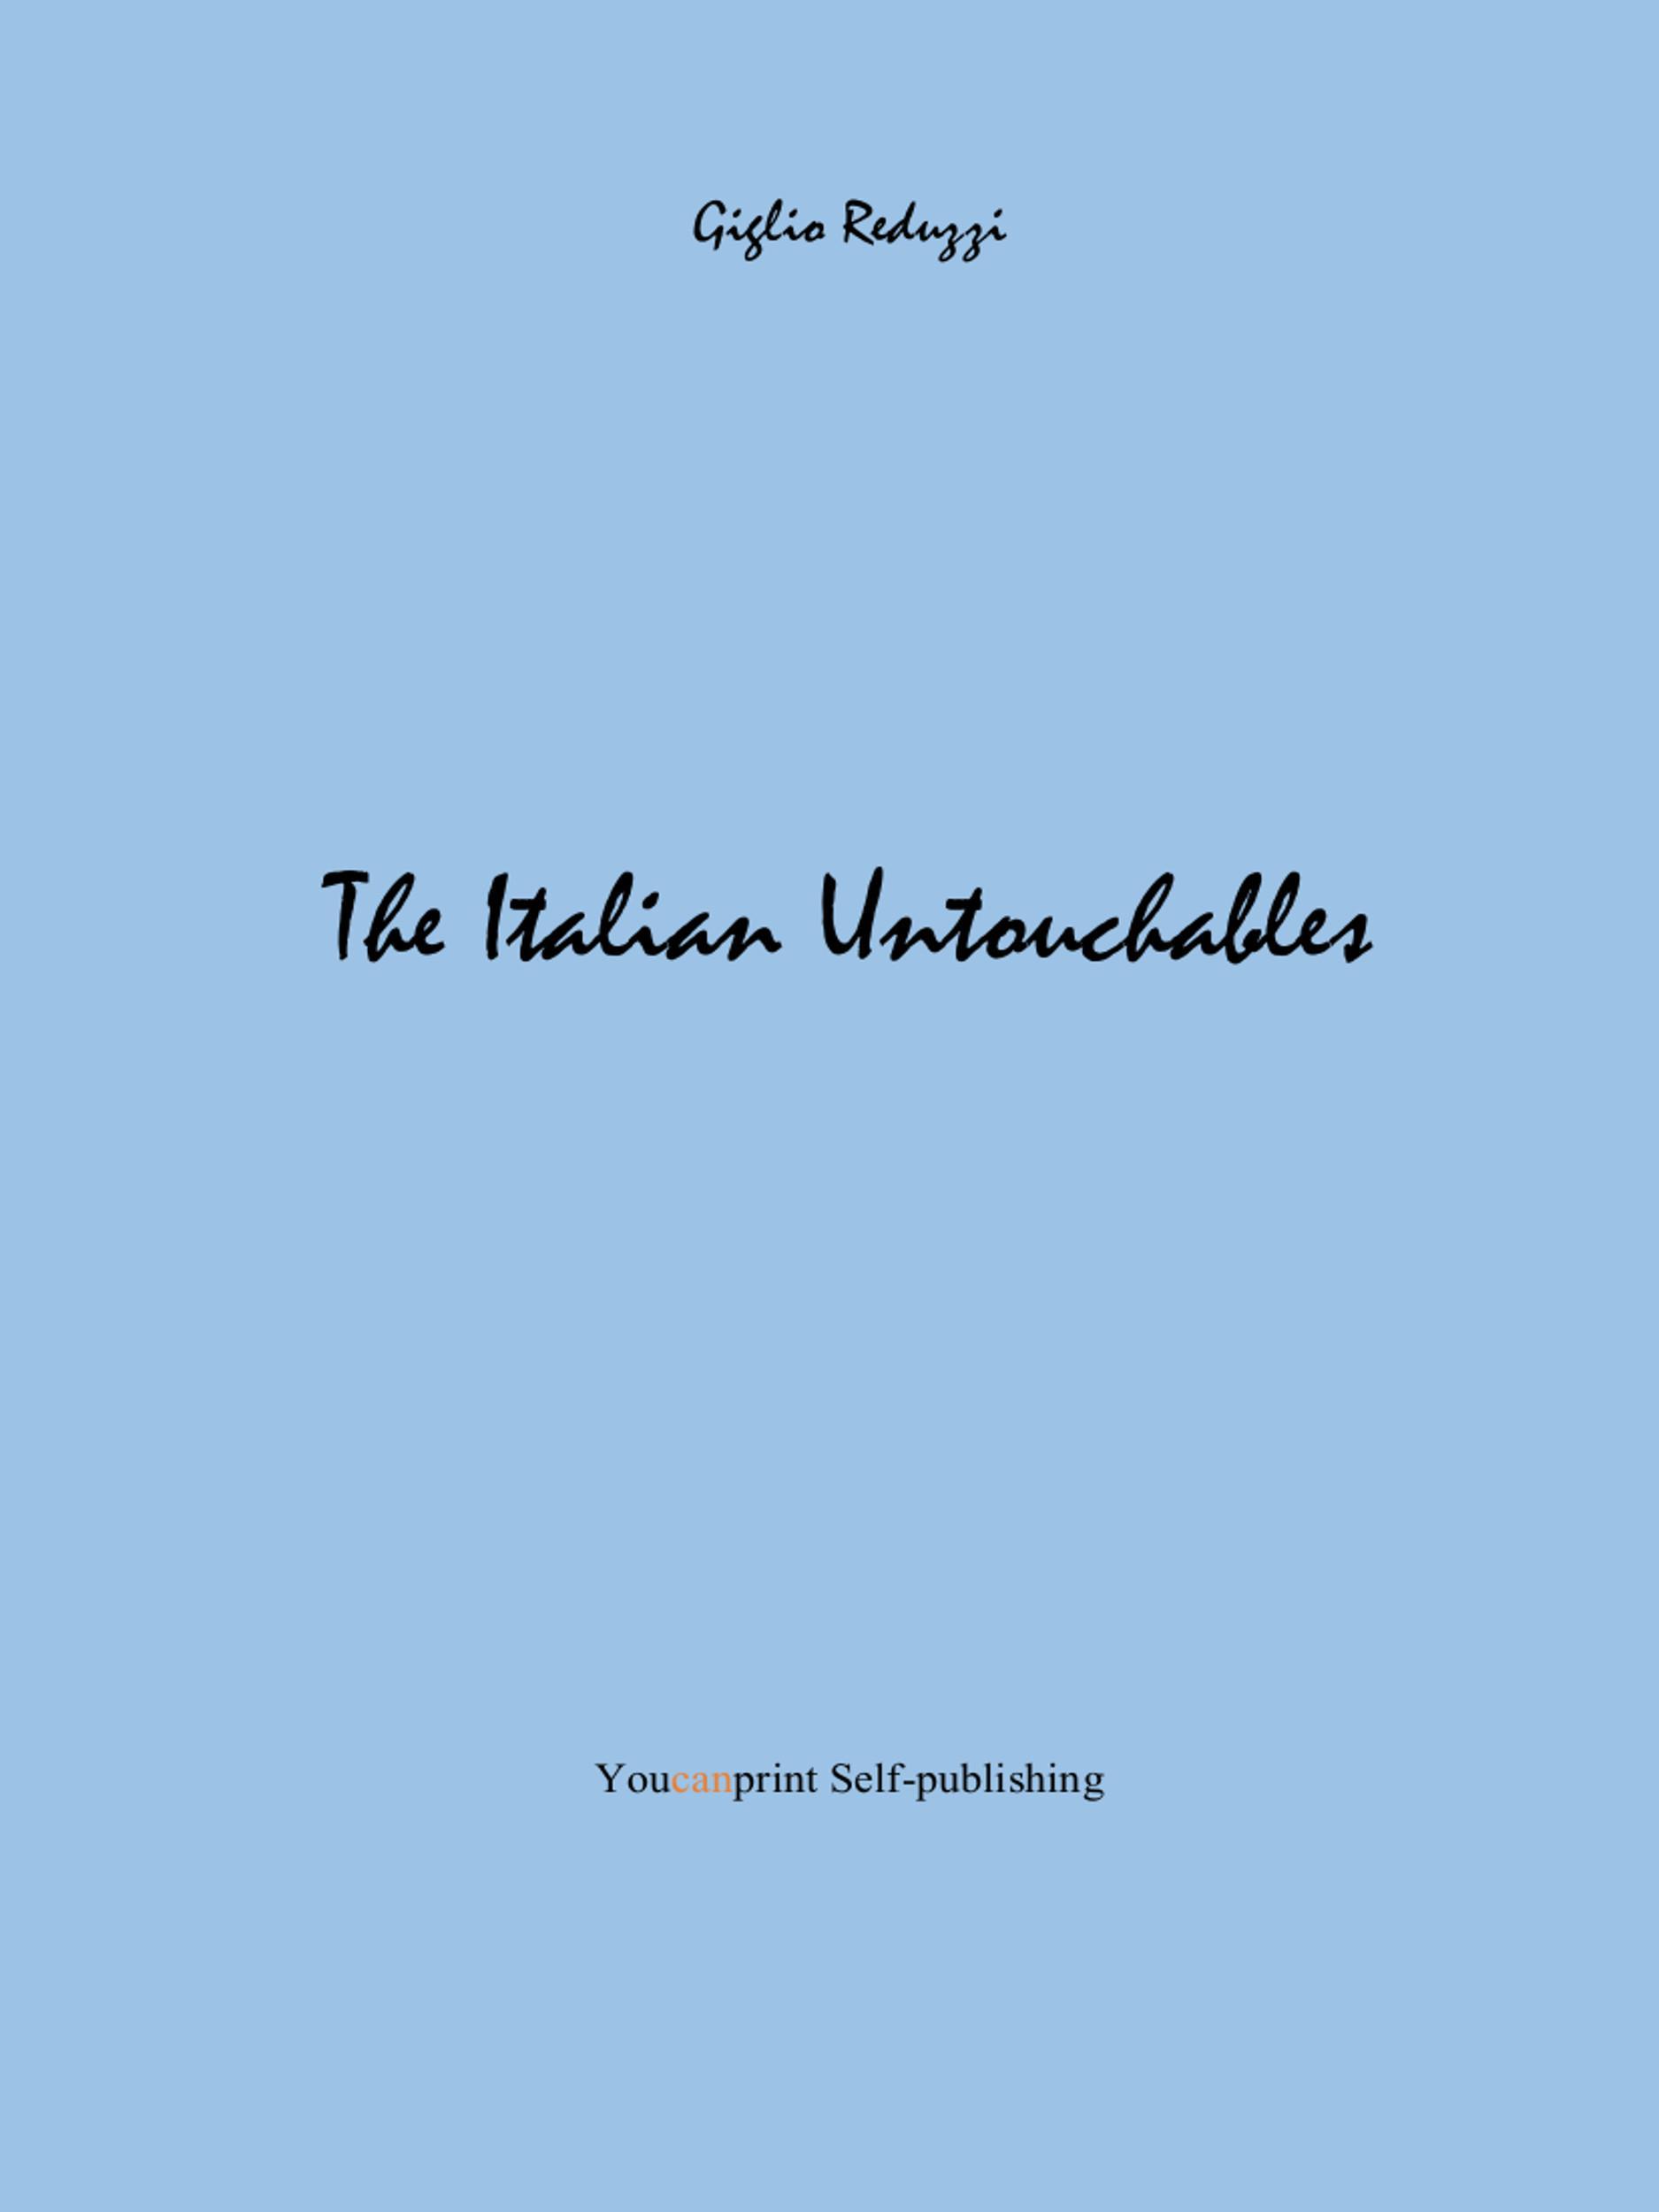 The Italian Untouchables